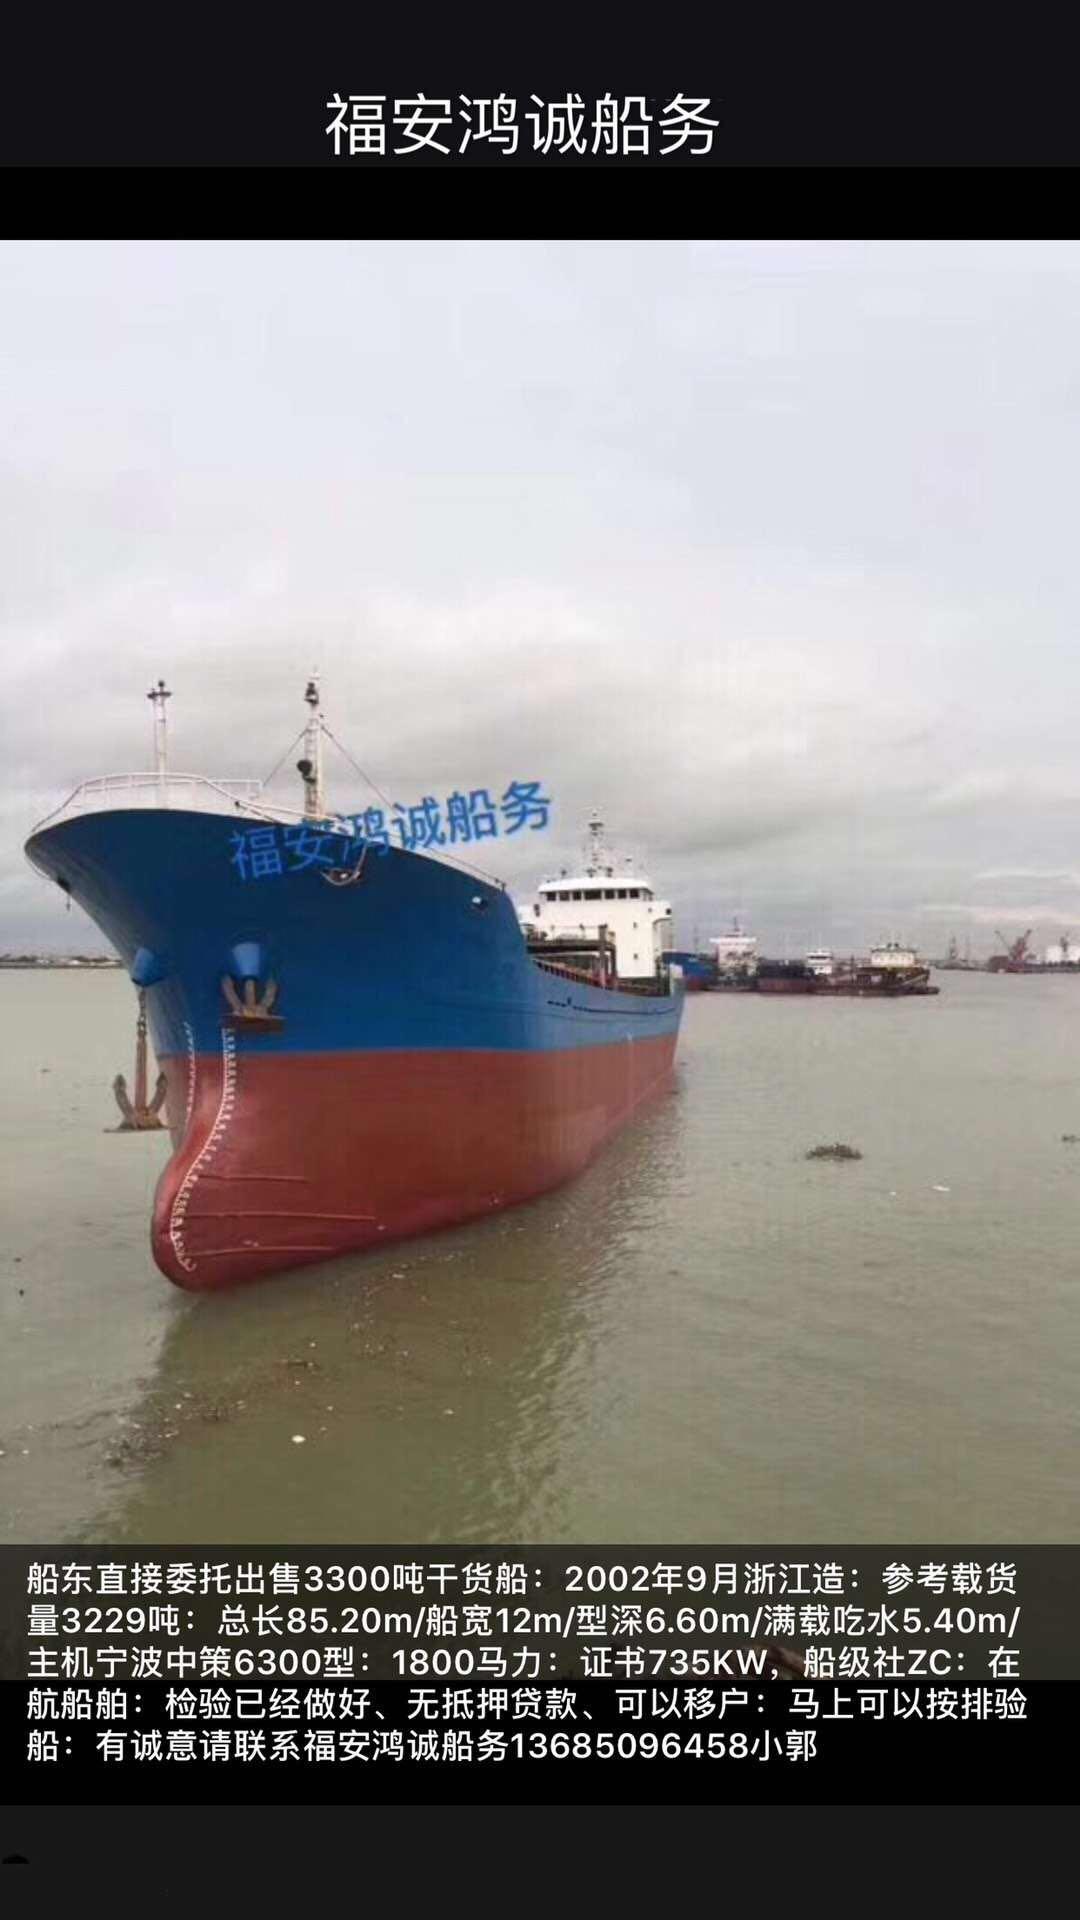 出售3300吨干货船